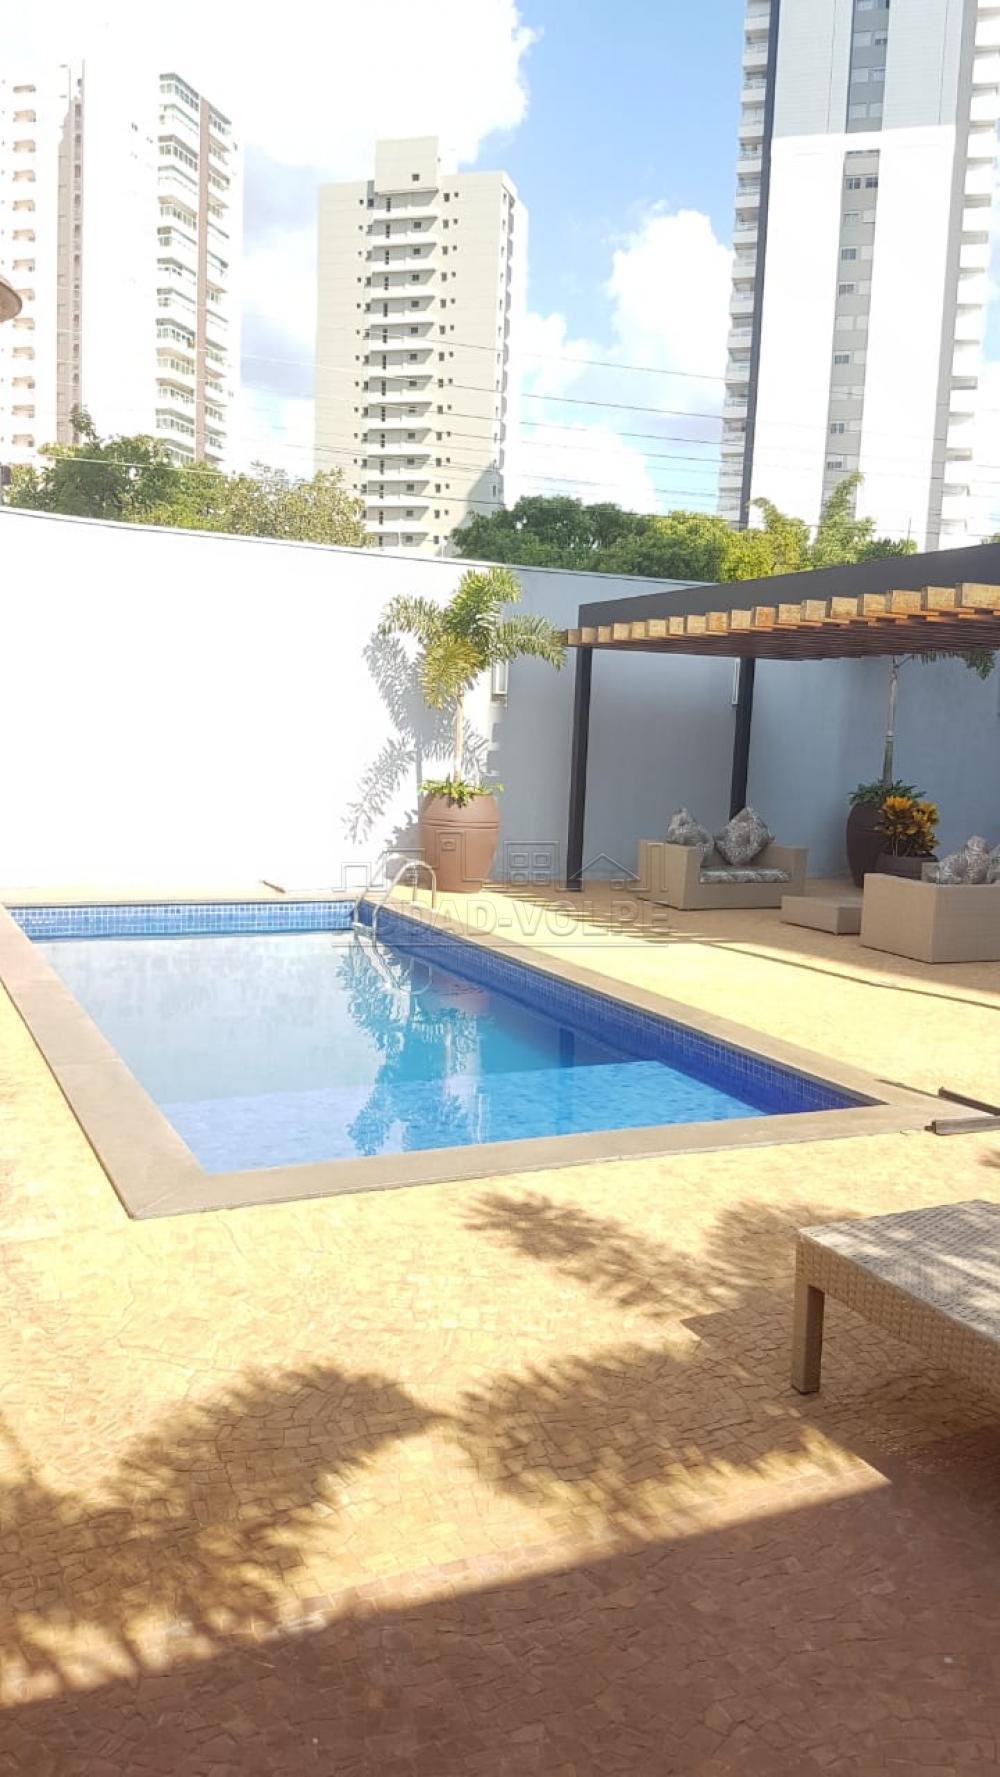 Comprar Apartamento / Padrão em Bauru apenas R$ 520.000,00 - Foto 17